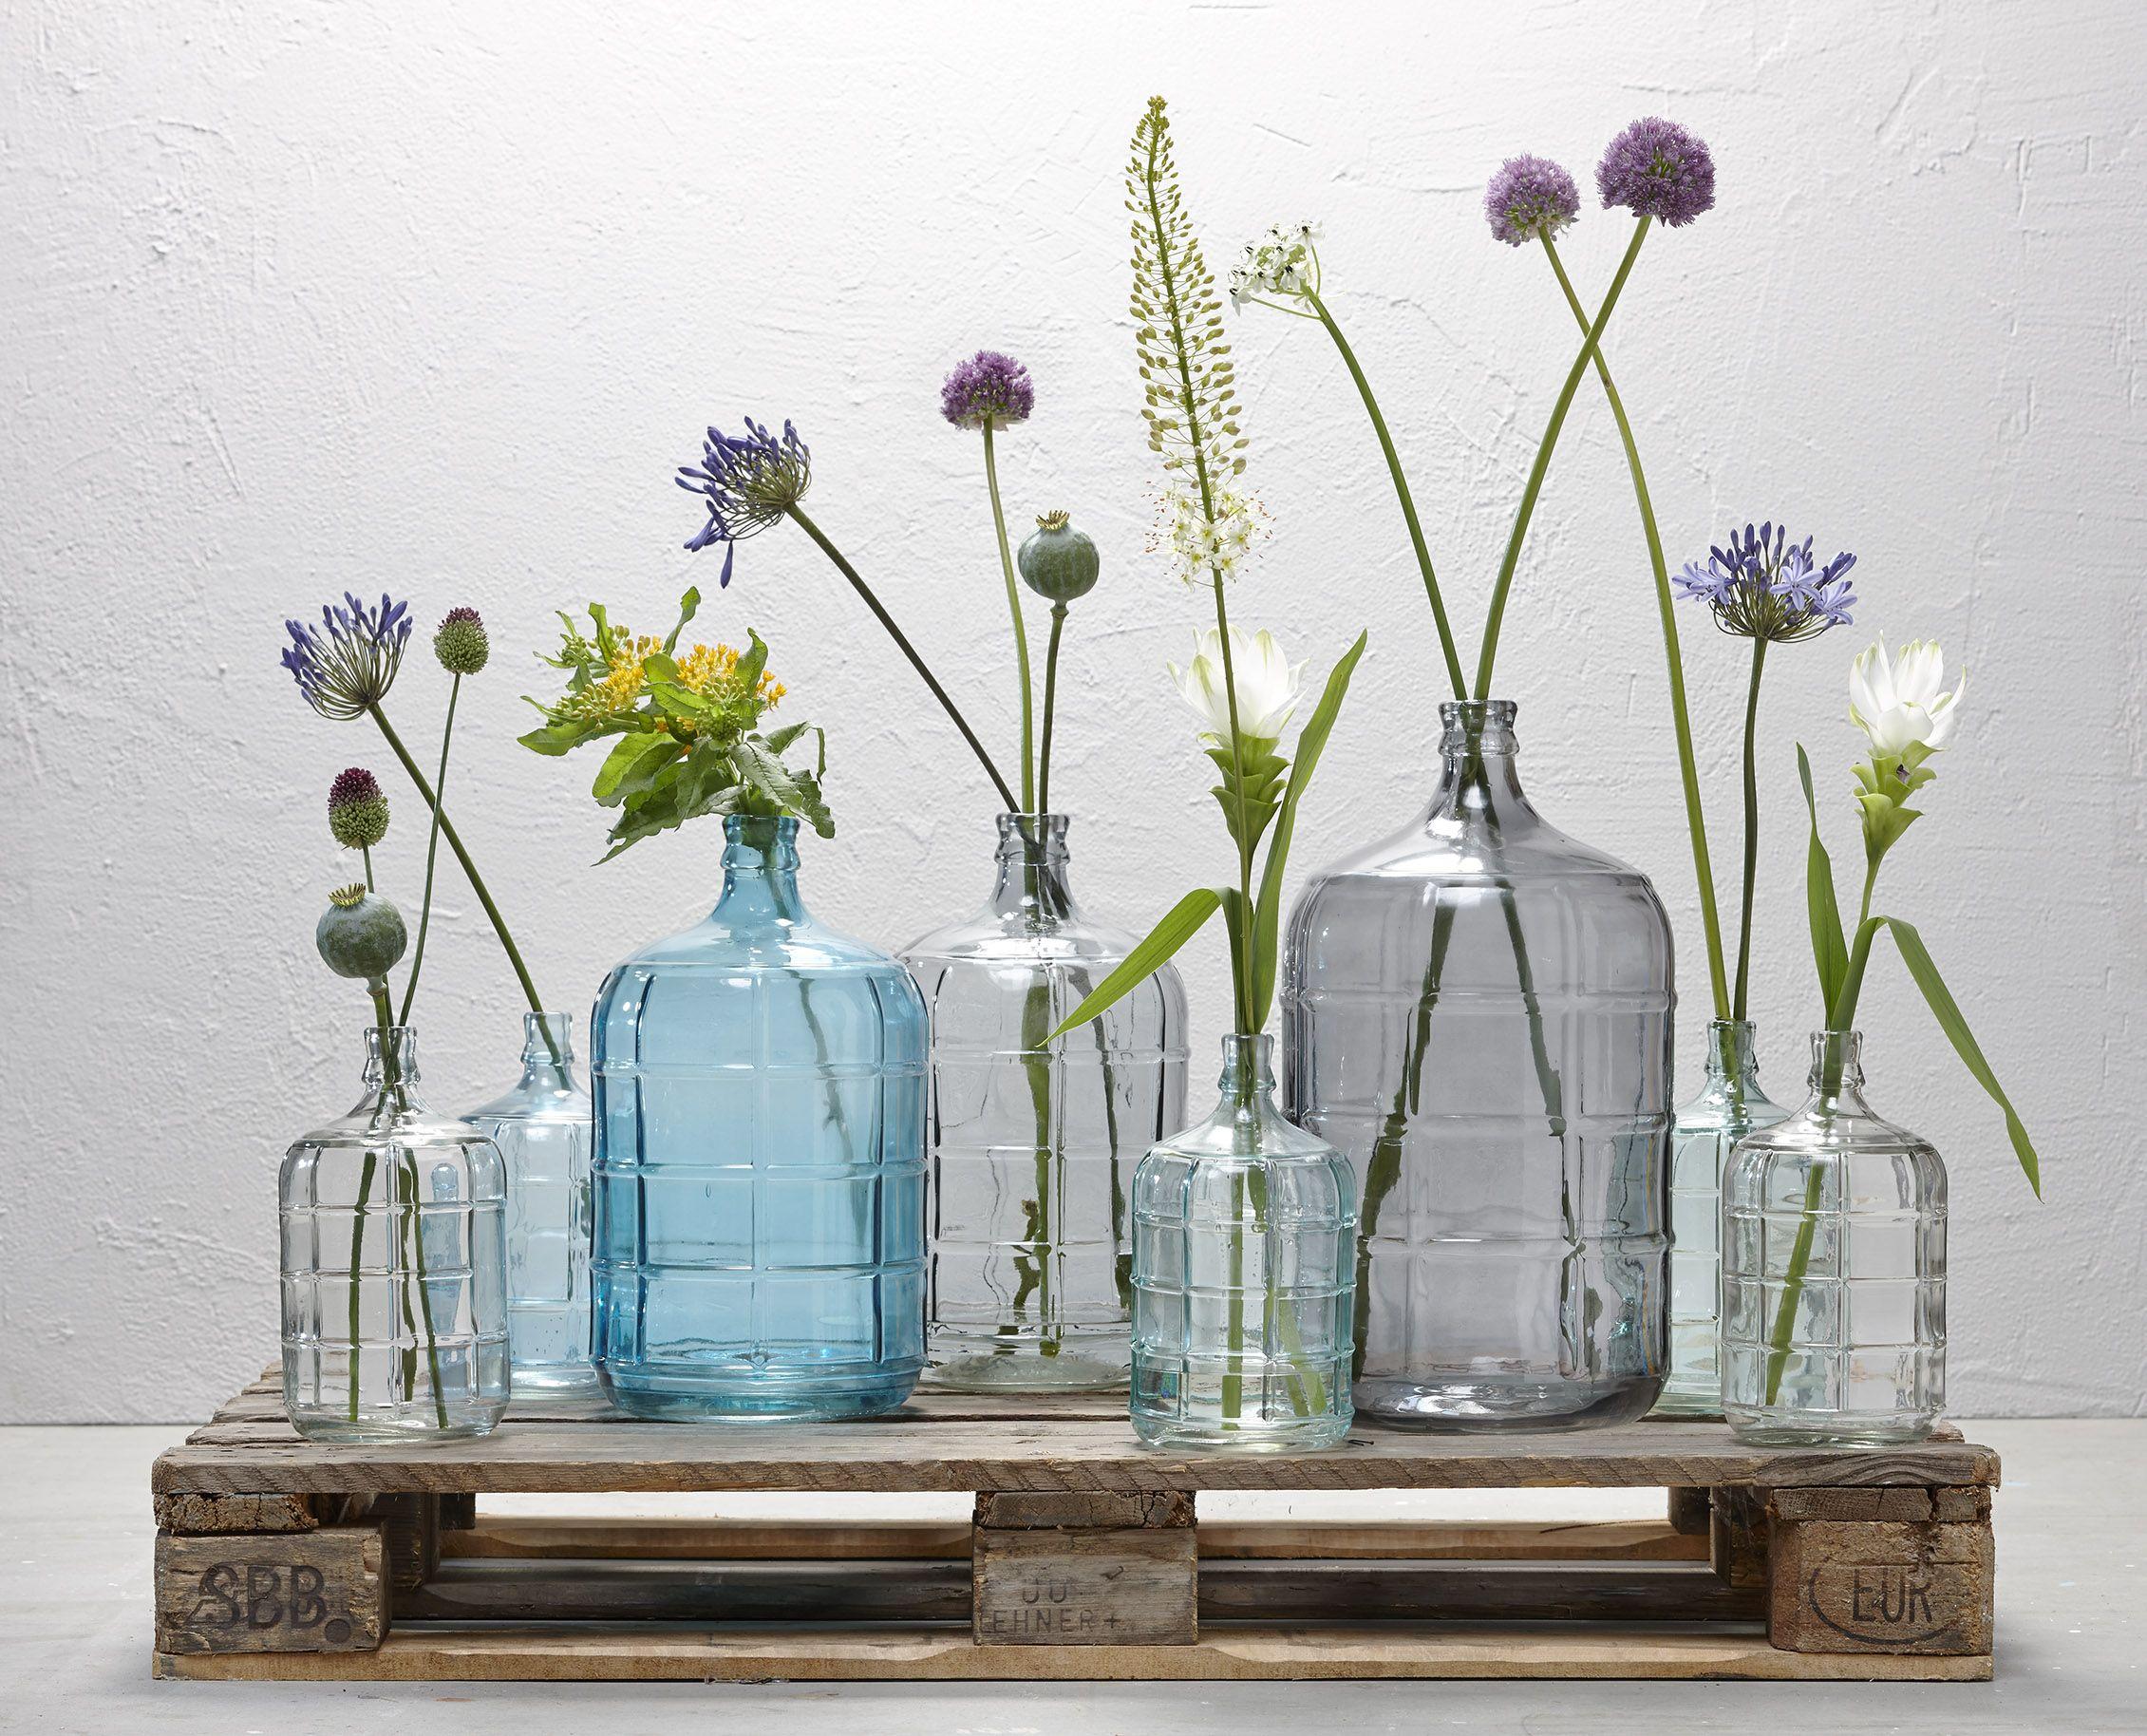 Vazen Op Balkon : Vazen decoratie bloemen vases decoration flowers kwantum